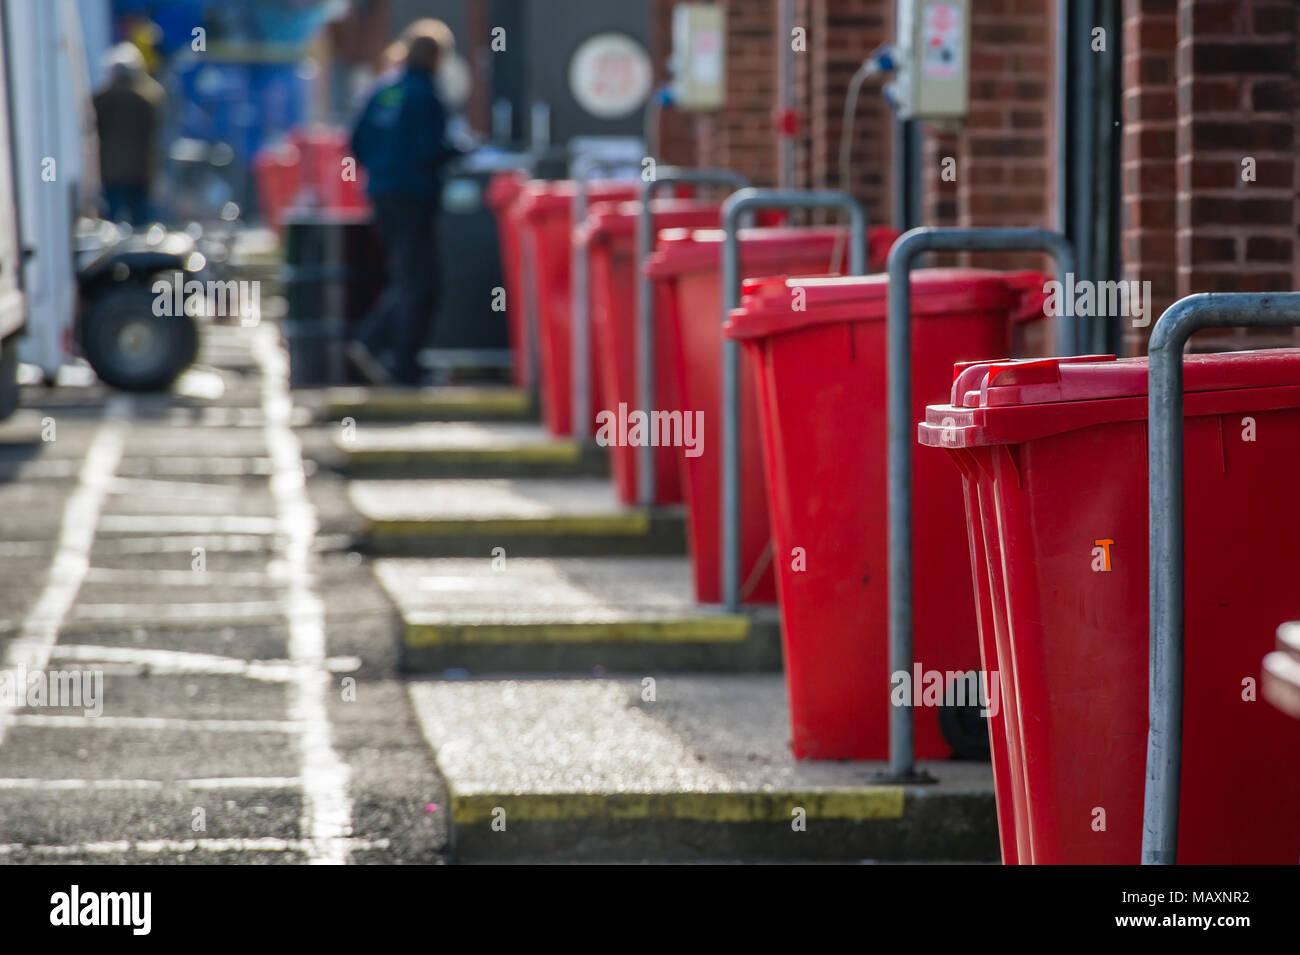 Gestión de residuos comerciales. Reciclaje de Basura y bandejas de caballito en el circuito de Brands Hatch Imagen De Stock